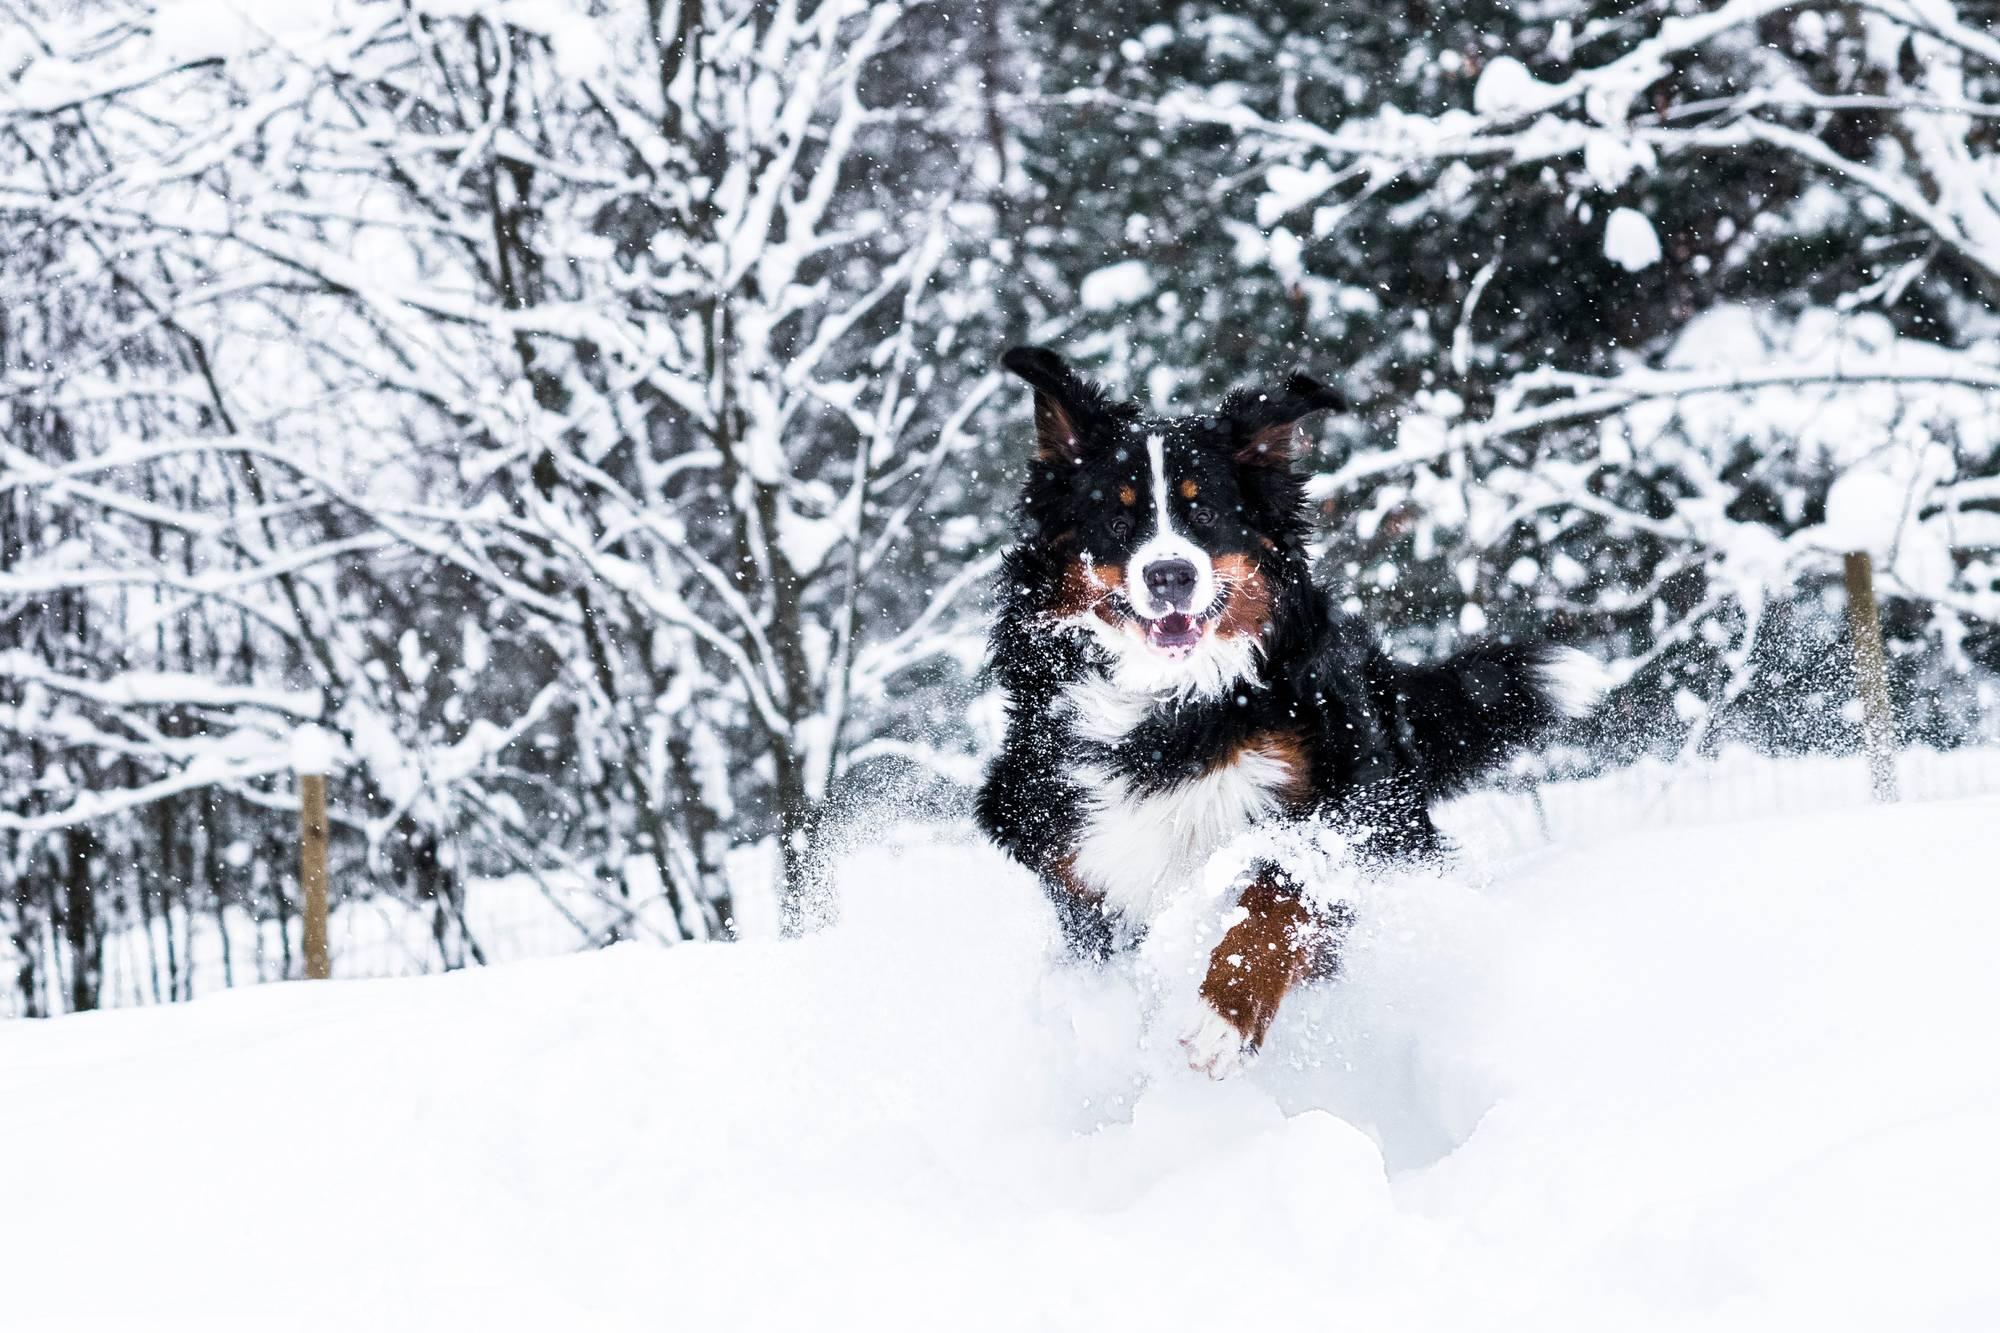 Vuoden lemmikki 2020 -kilpailun voitti Tahvo-koira.